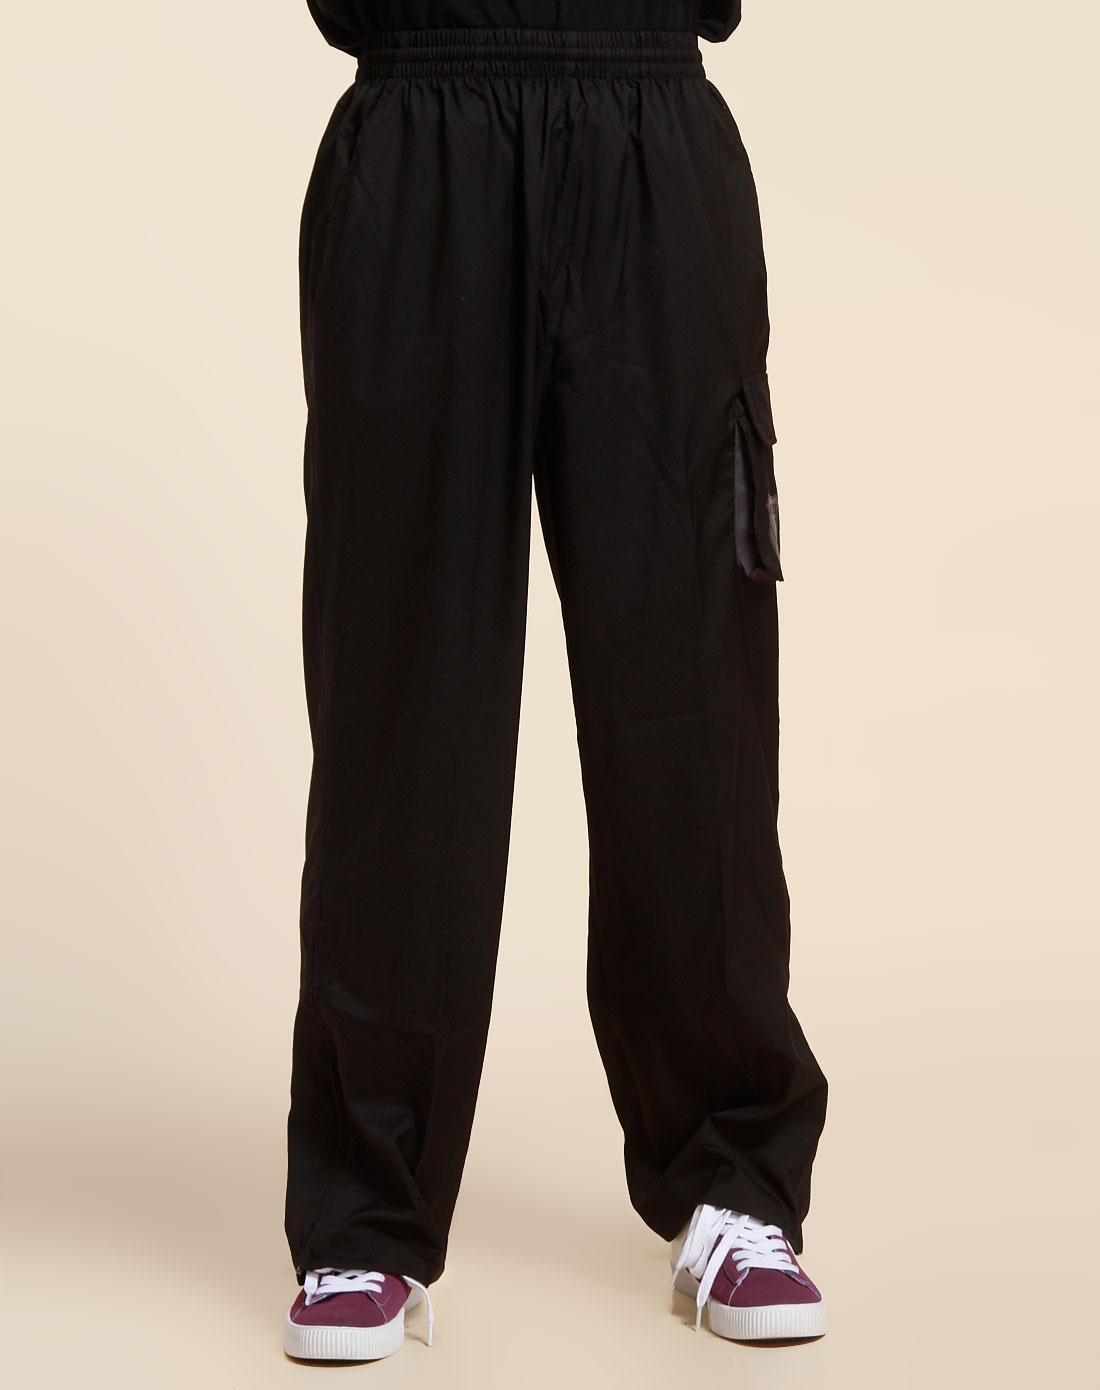 纯黑色运动长裤